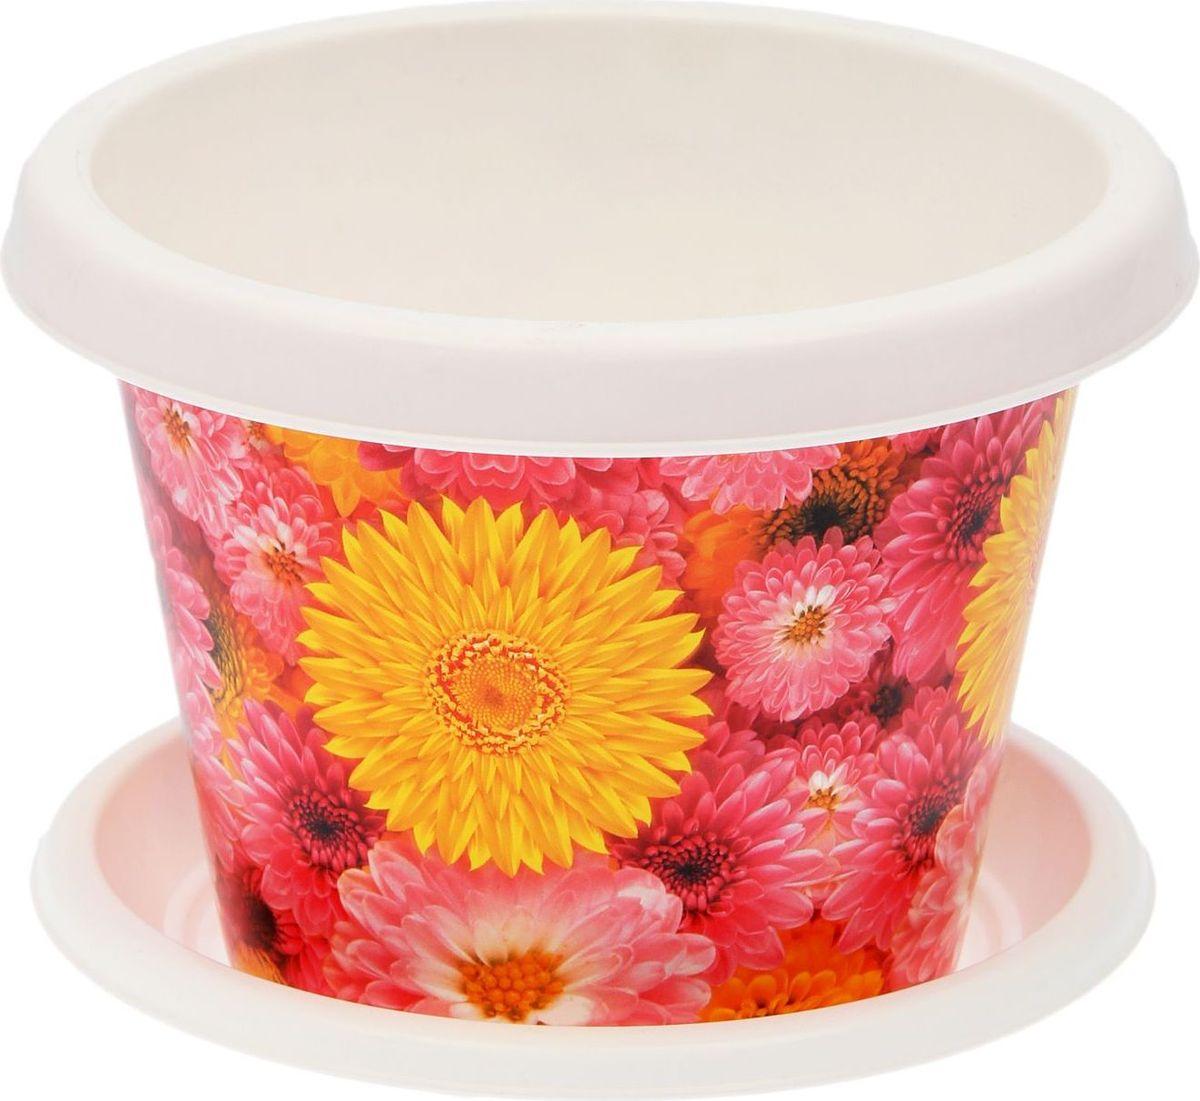 Кашпо Violet Хризантемы, с поддоном, 4 л531-401Классическое кашпо с поддоном, выполненное из пластика, прекрасно подойдет для выращивания трав и цветов. Объём кашпо: 4 л.